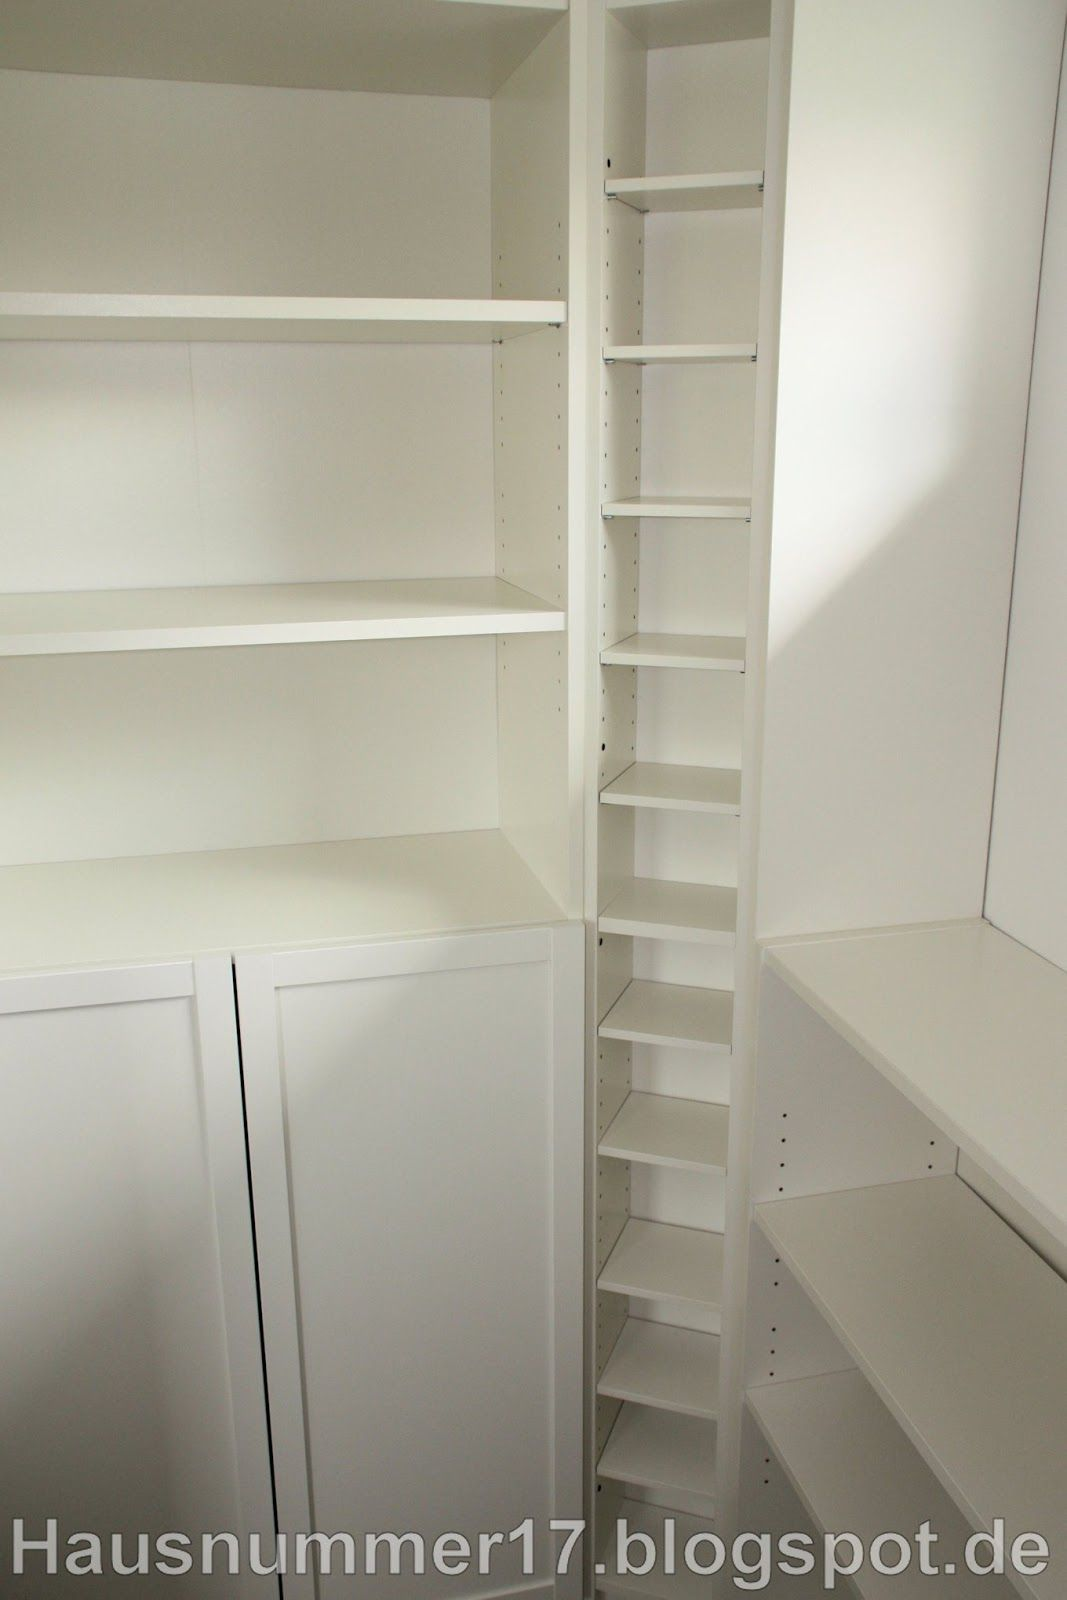 IKEA Hack: Einrichten der Abstellkammer / Speisekammer im Selbstbau